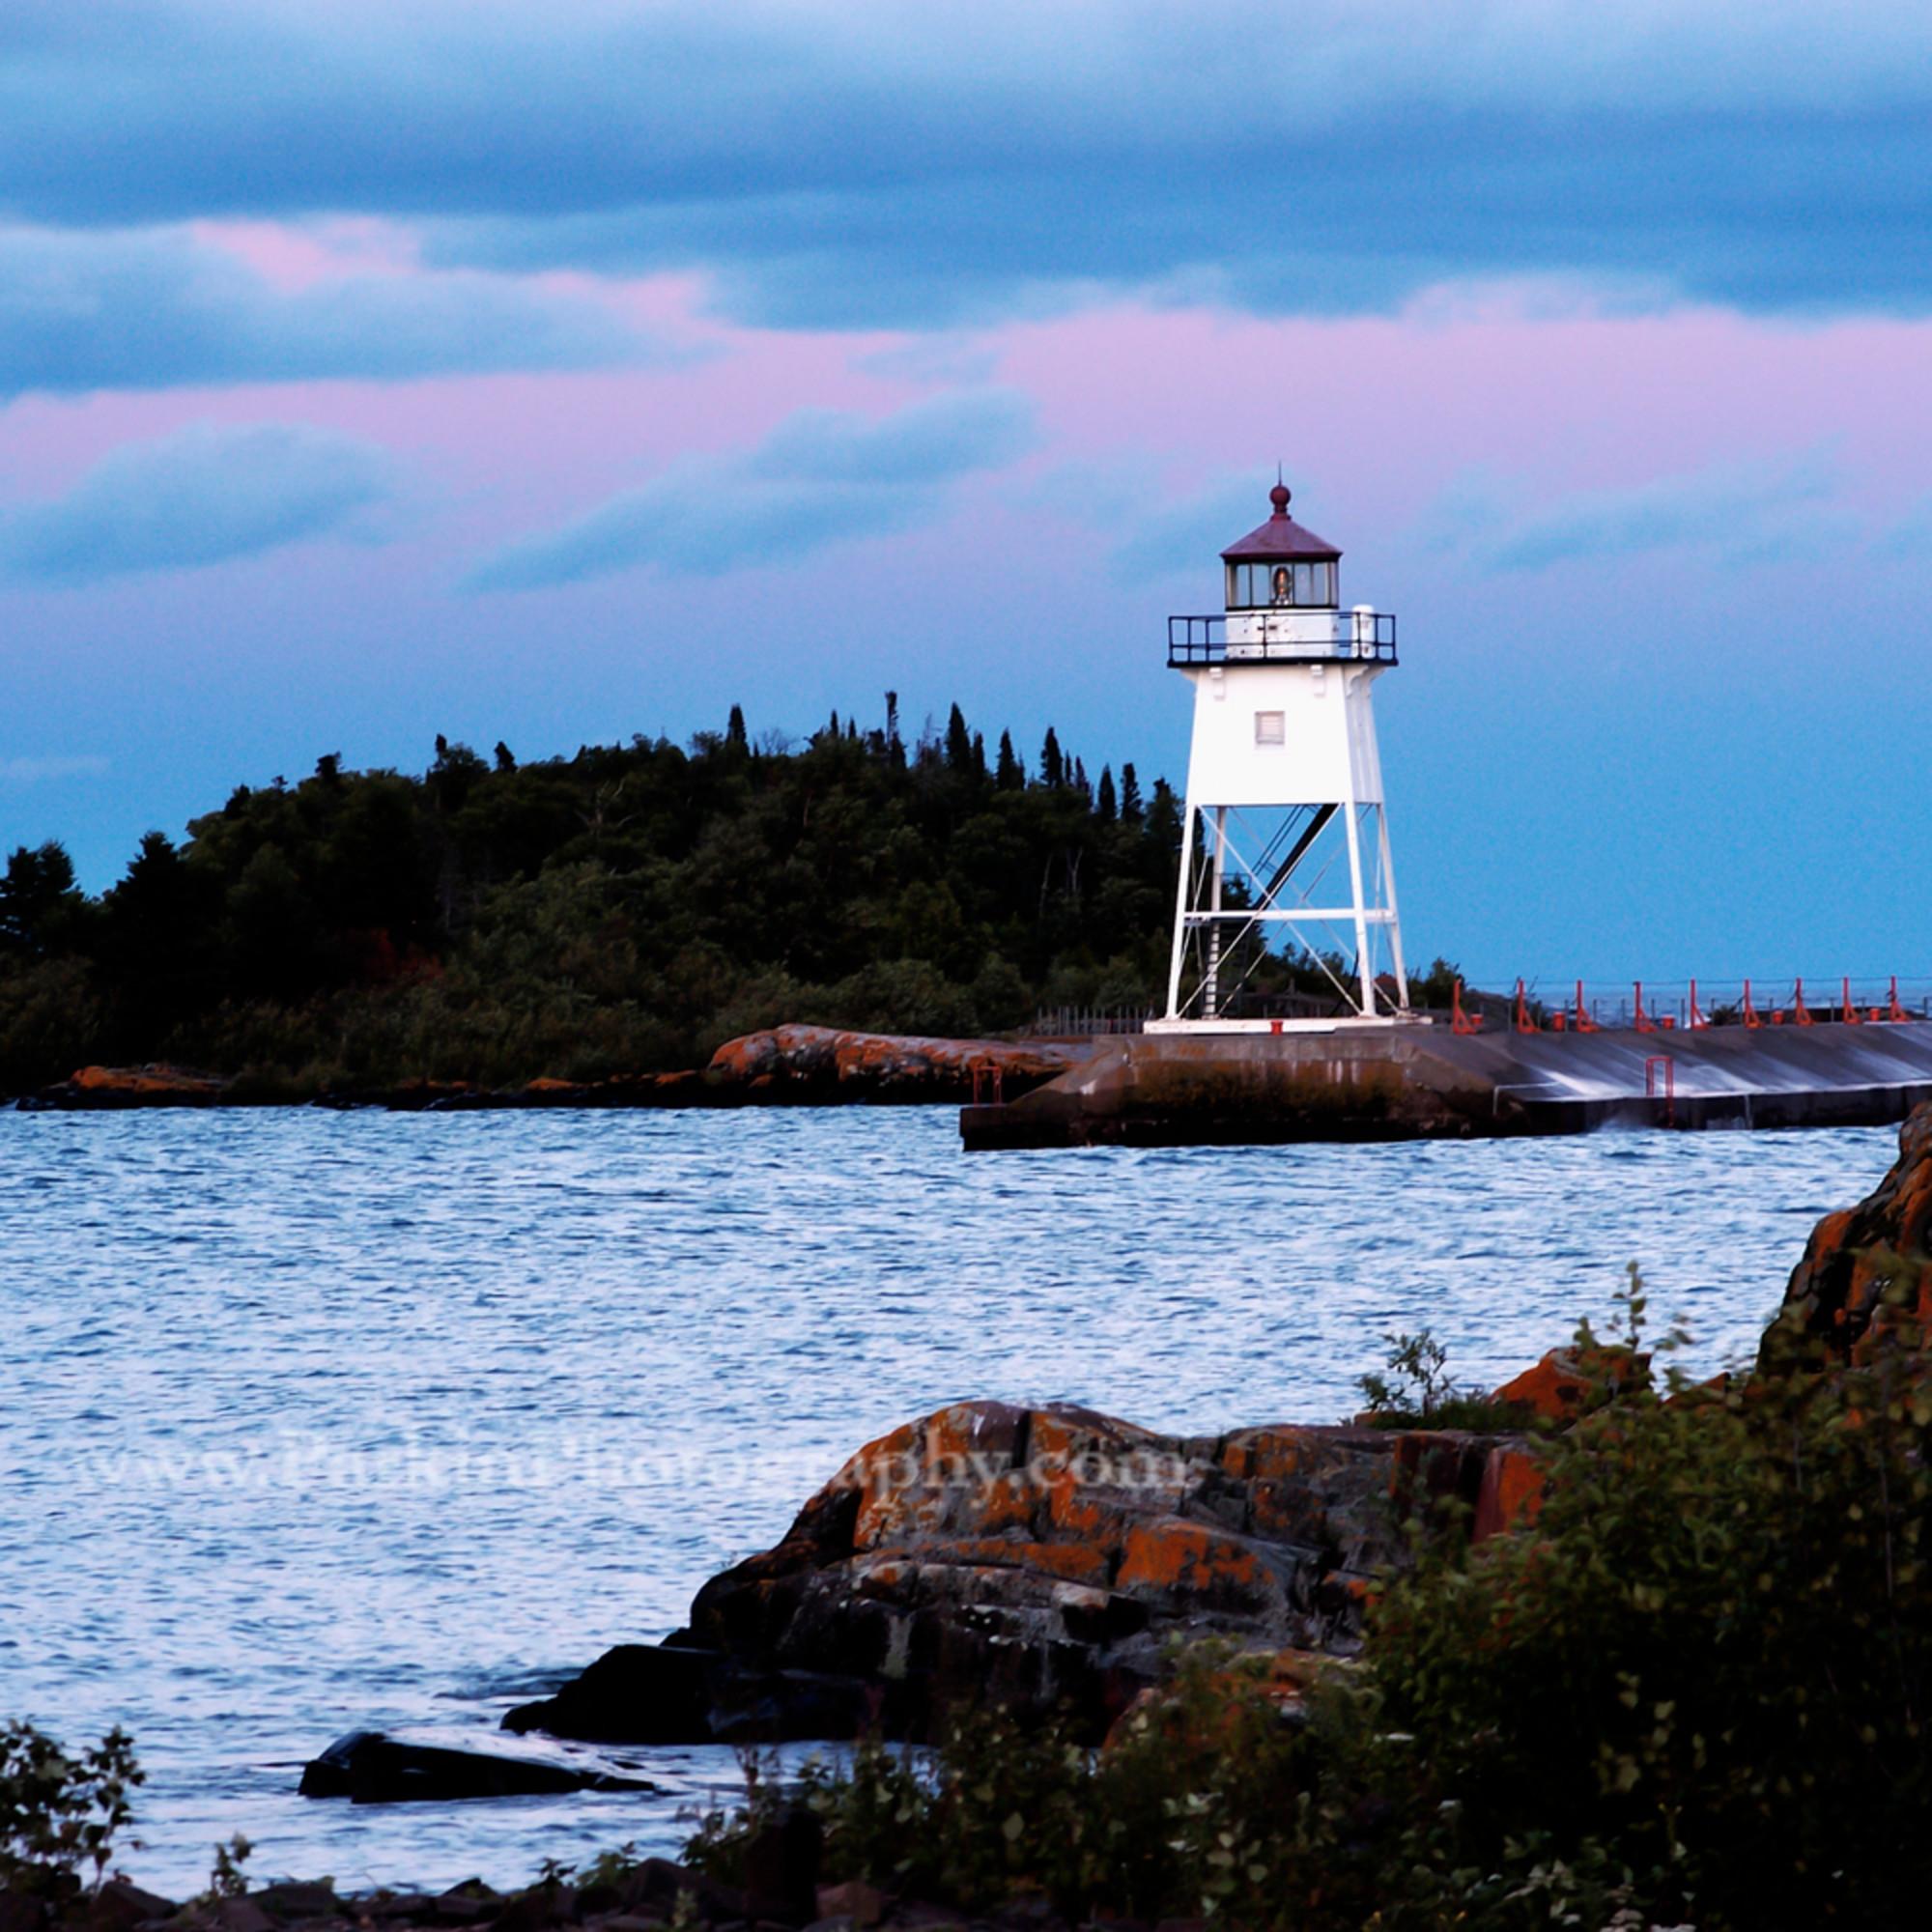 Grand marais lighthouse 004 asf cwhwrf